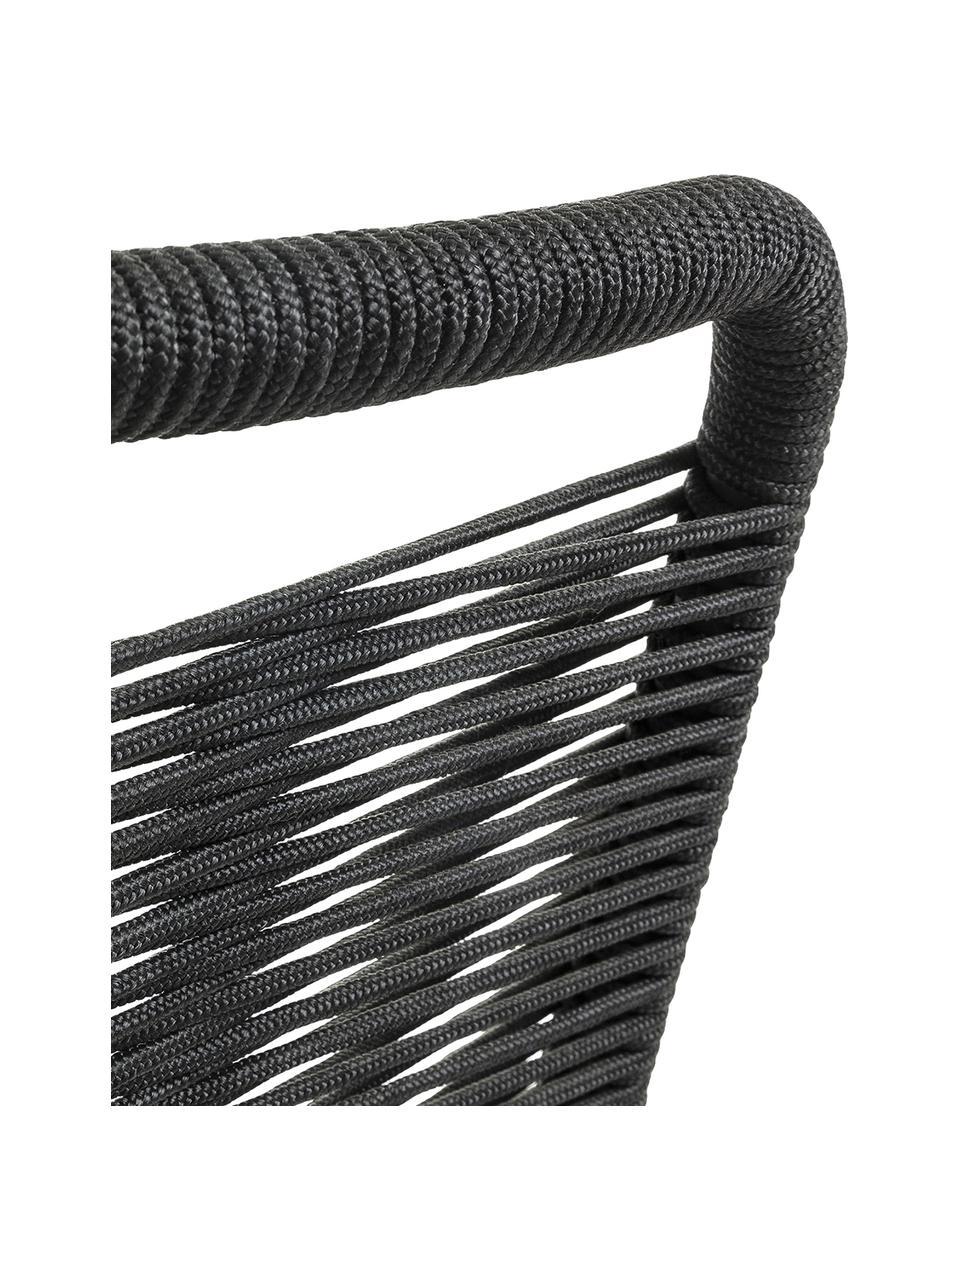 Krzesło Lambton, 2 szt., Stelaż: metal malowany proszkowo, Czarny, S 49 x G 59 cm